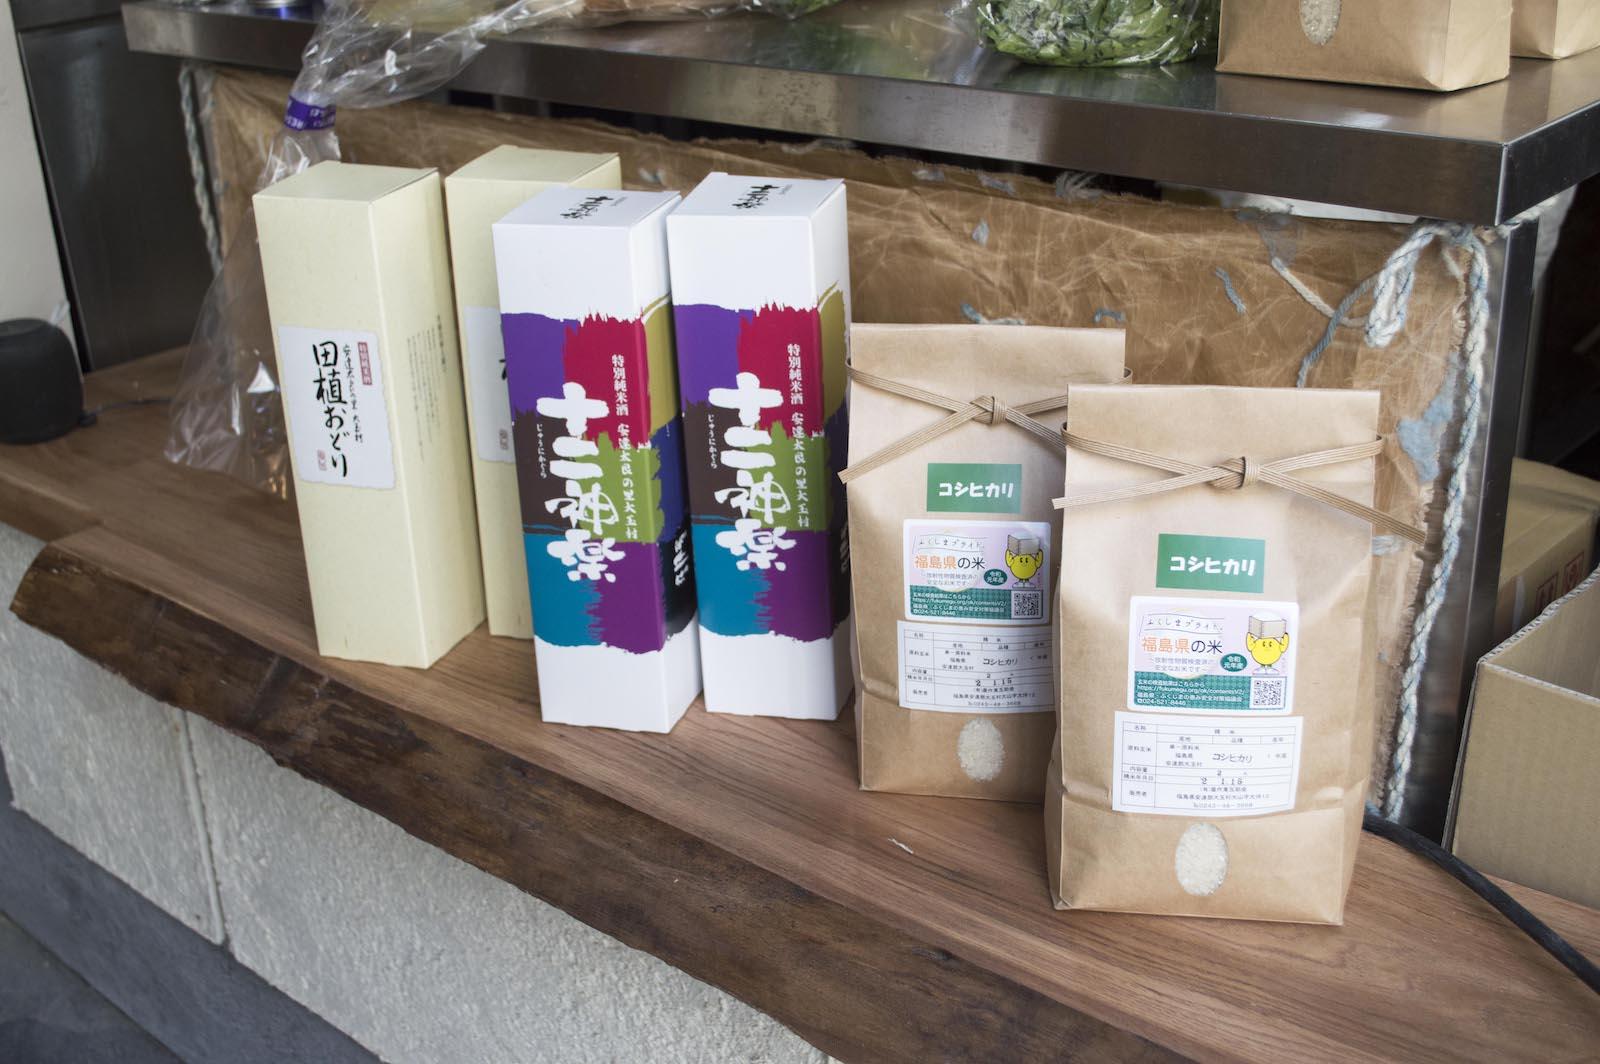 カウンターには福島県大玉村産のコシヒカリや日本酒が並ぶ。